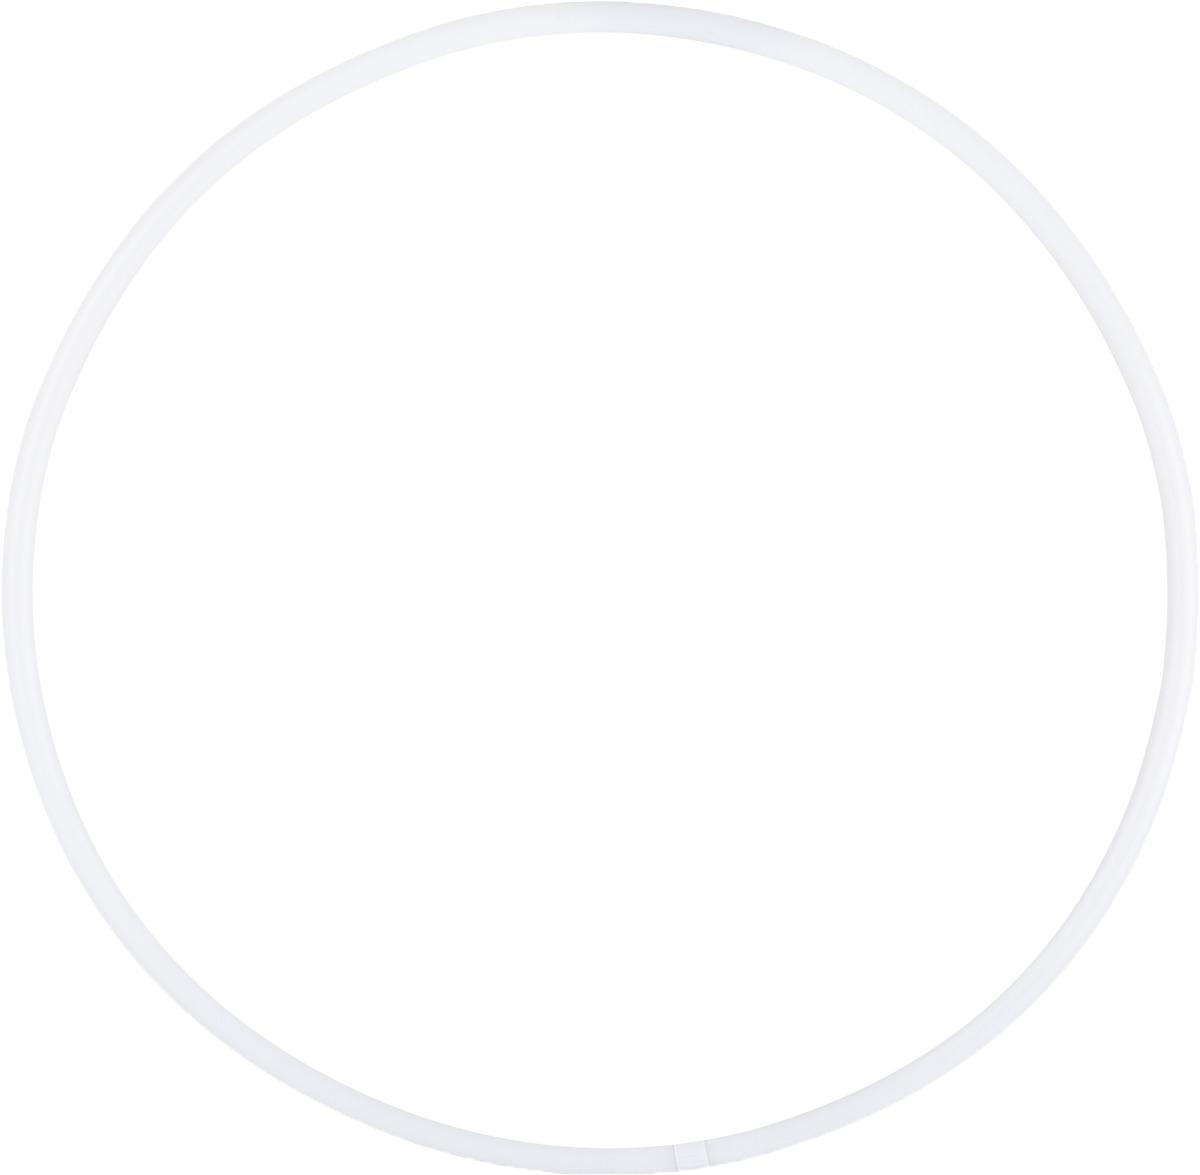 Обруч для художественной гимнастики Amely AGO-101, диаметр 80 см, цвет: белый обруч пластмастер 40040 диаметр 50 см цвет в ассортименте